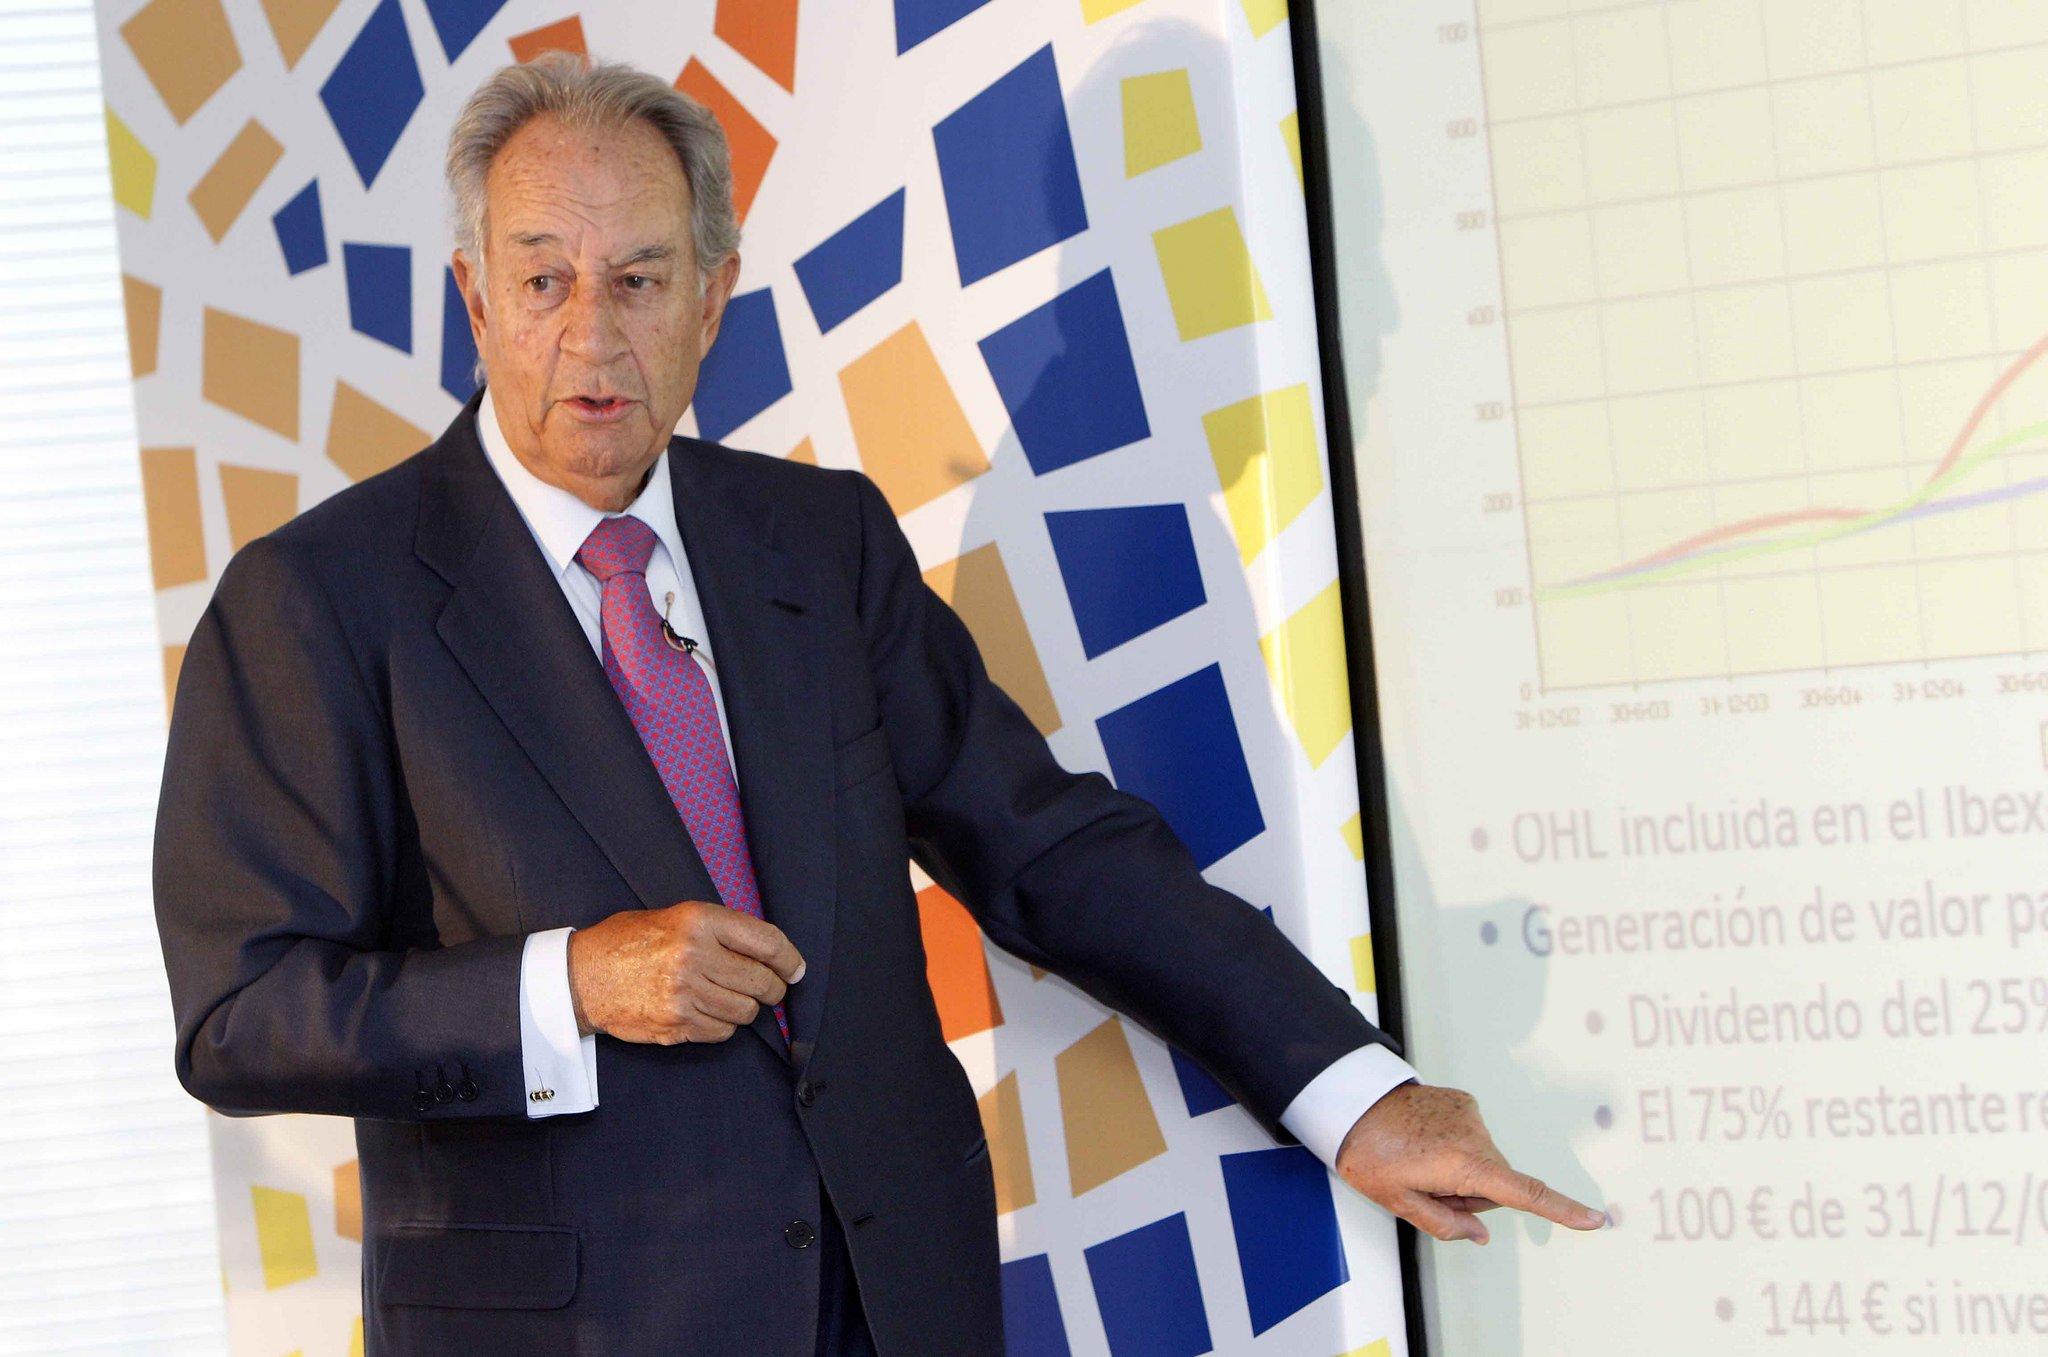 Juan Miguel Villar Mir deja en herencia una sociedad patrimonial cuyos activos están valorados en unos 2.200 millones de euros.